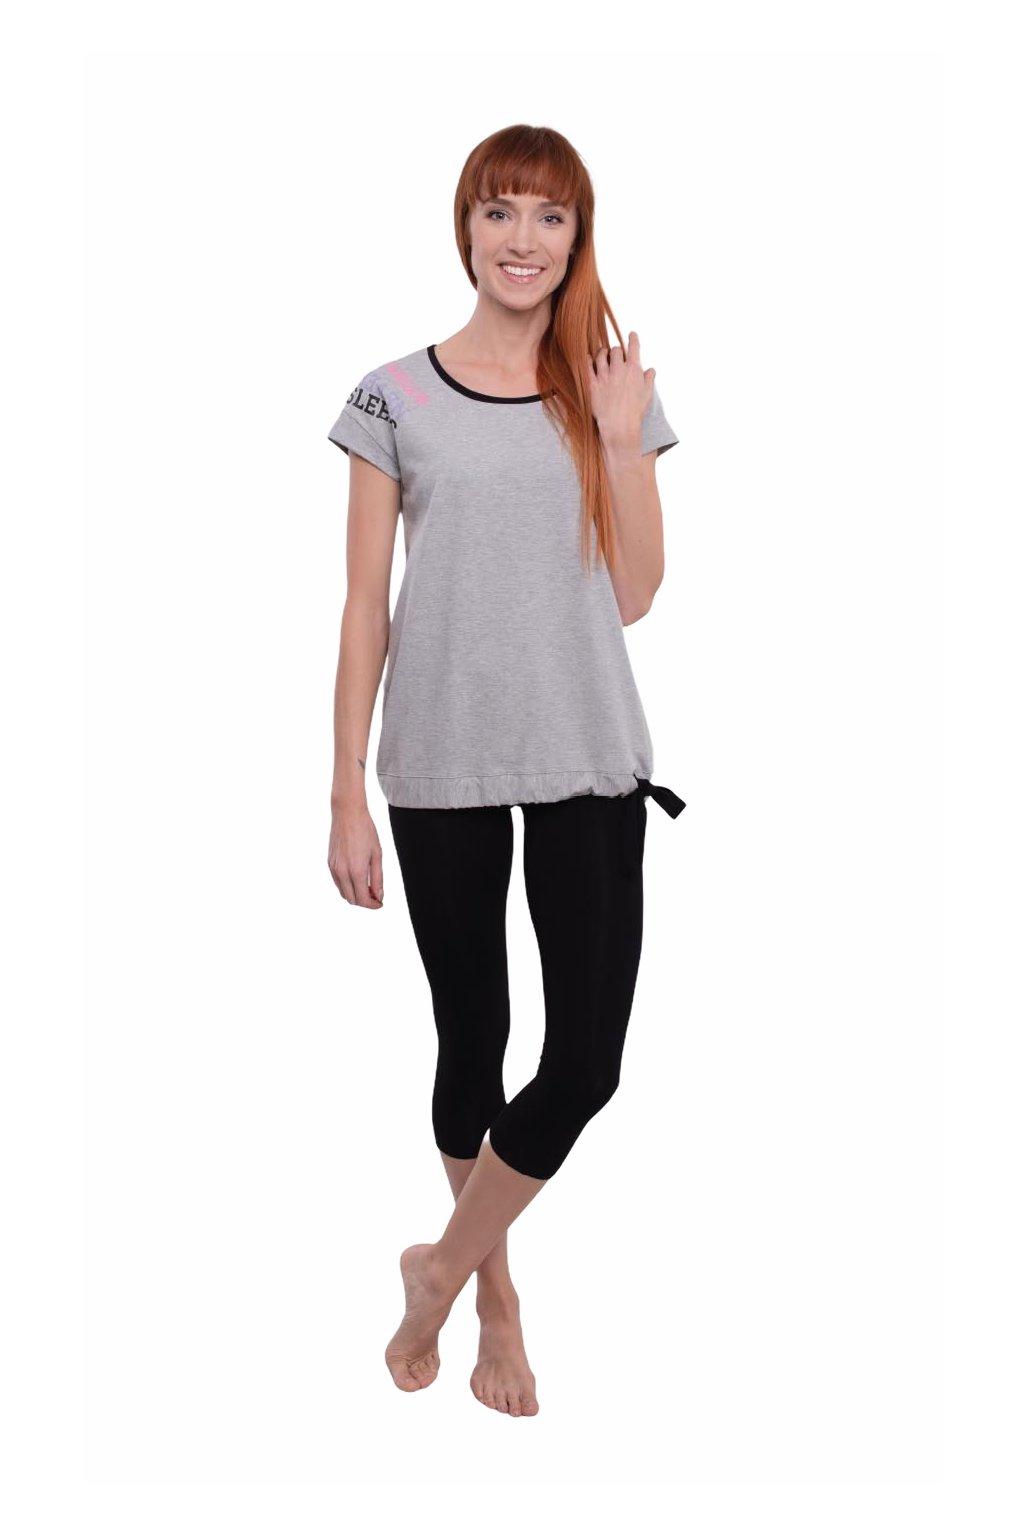 Dámské pyžamo s krátkým rukávem a 3/4 nohavicemi, 104556 30, šedá